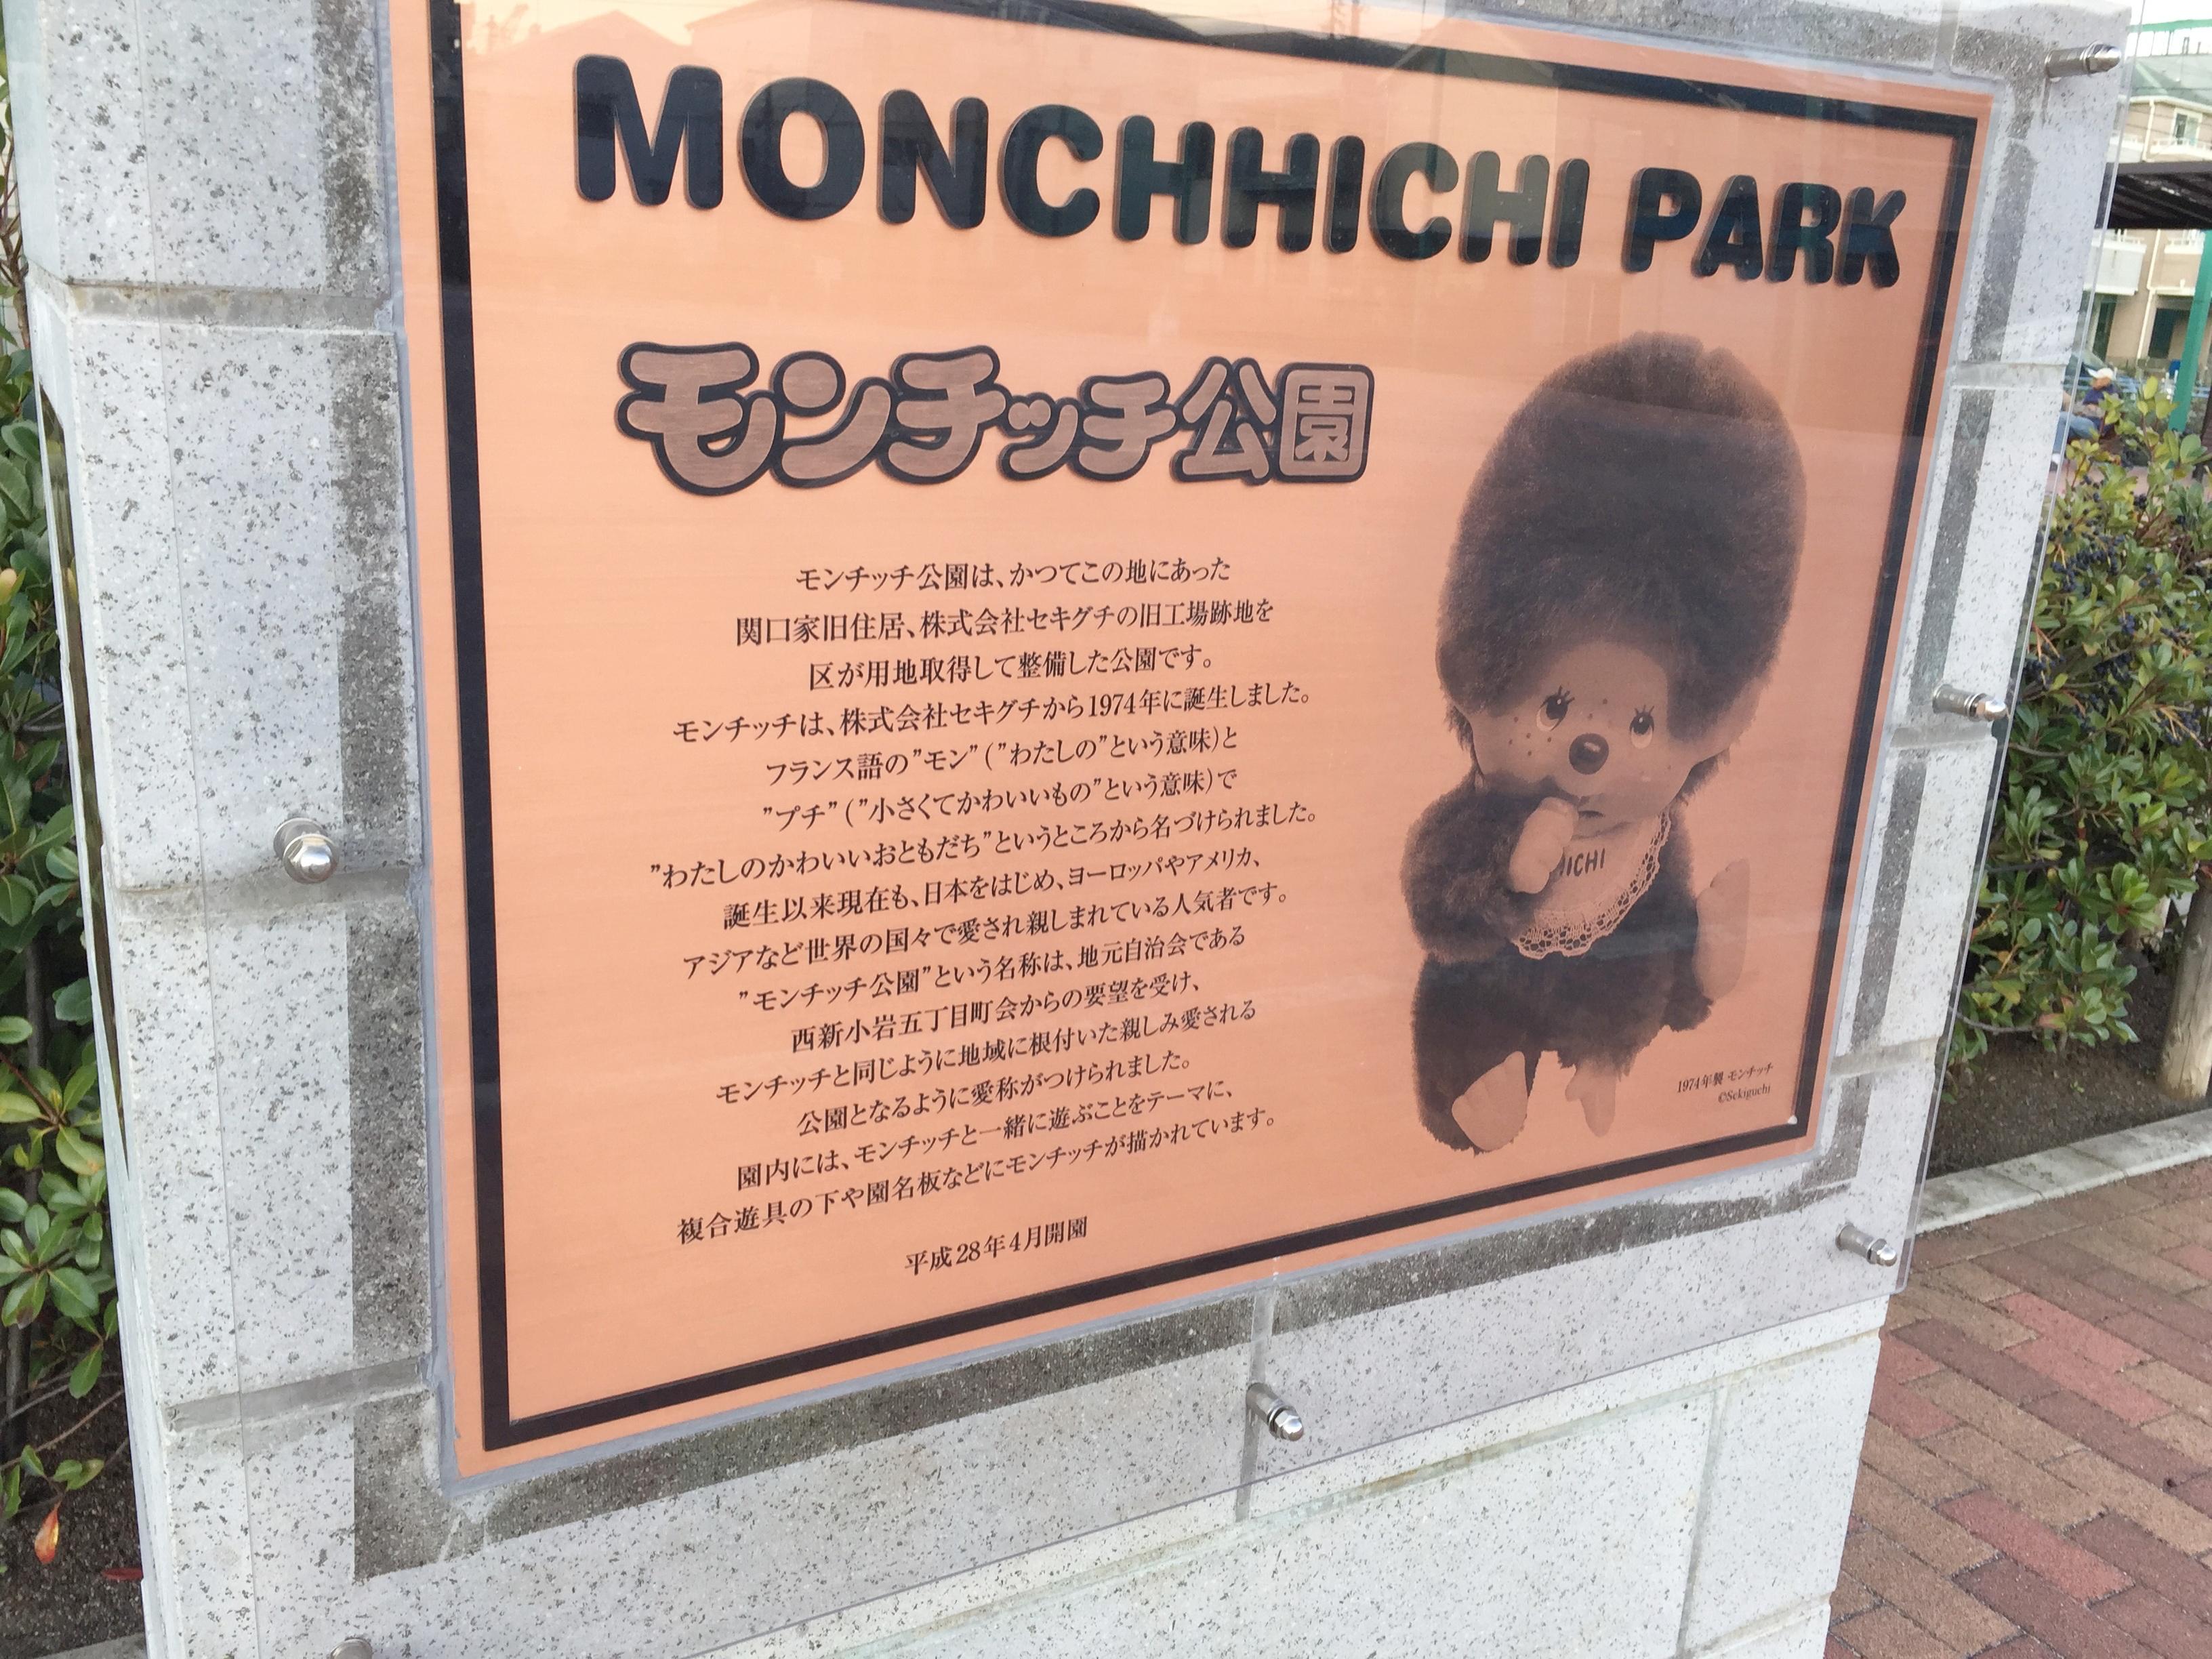 モンチッチ公園モニュメント